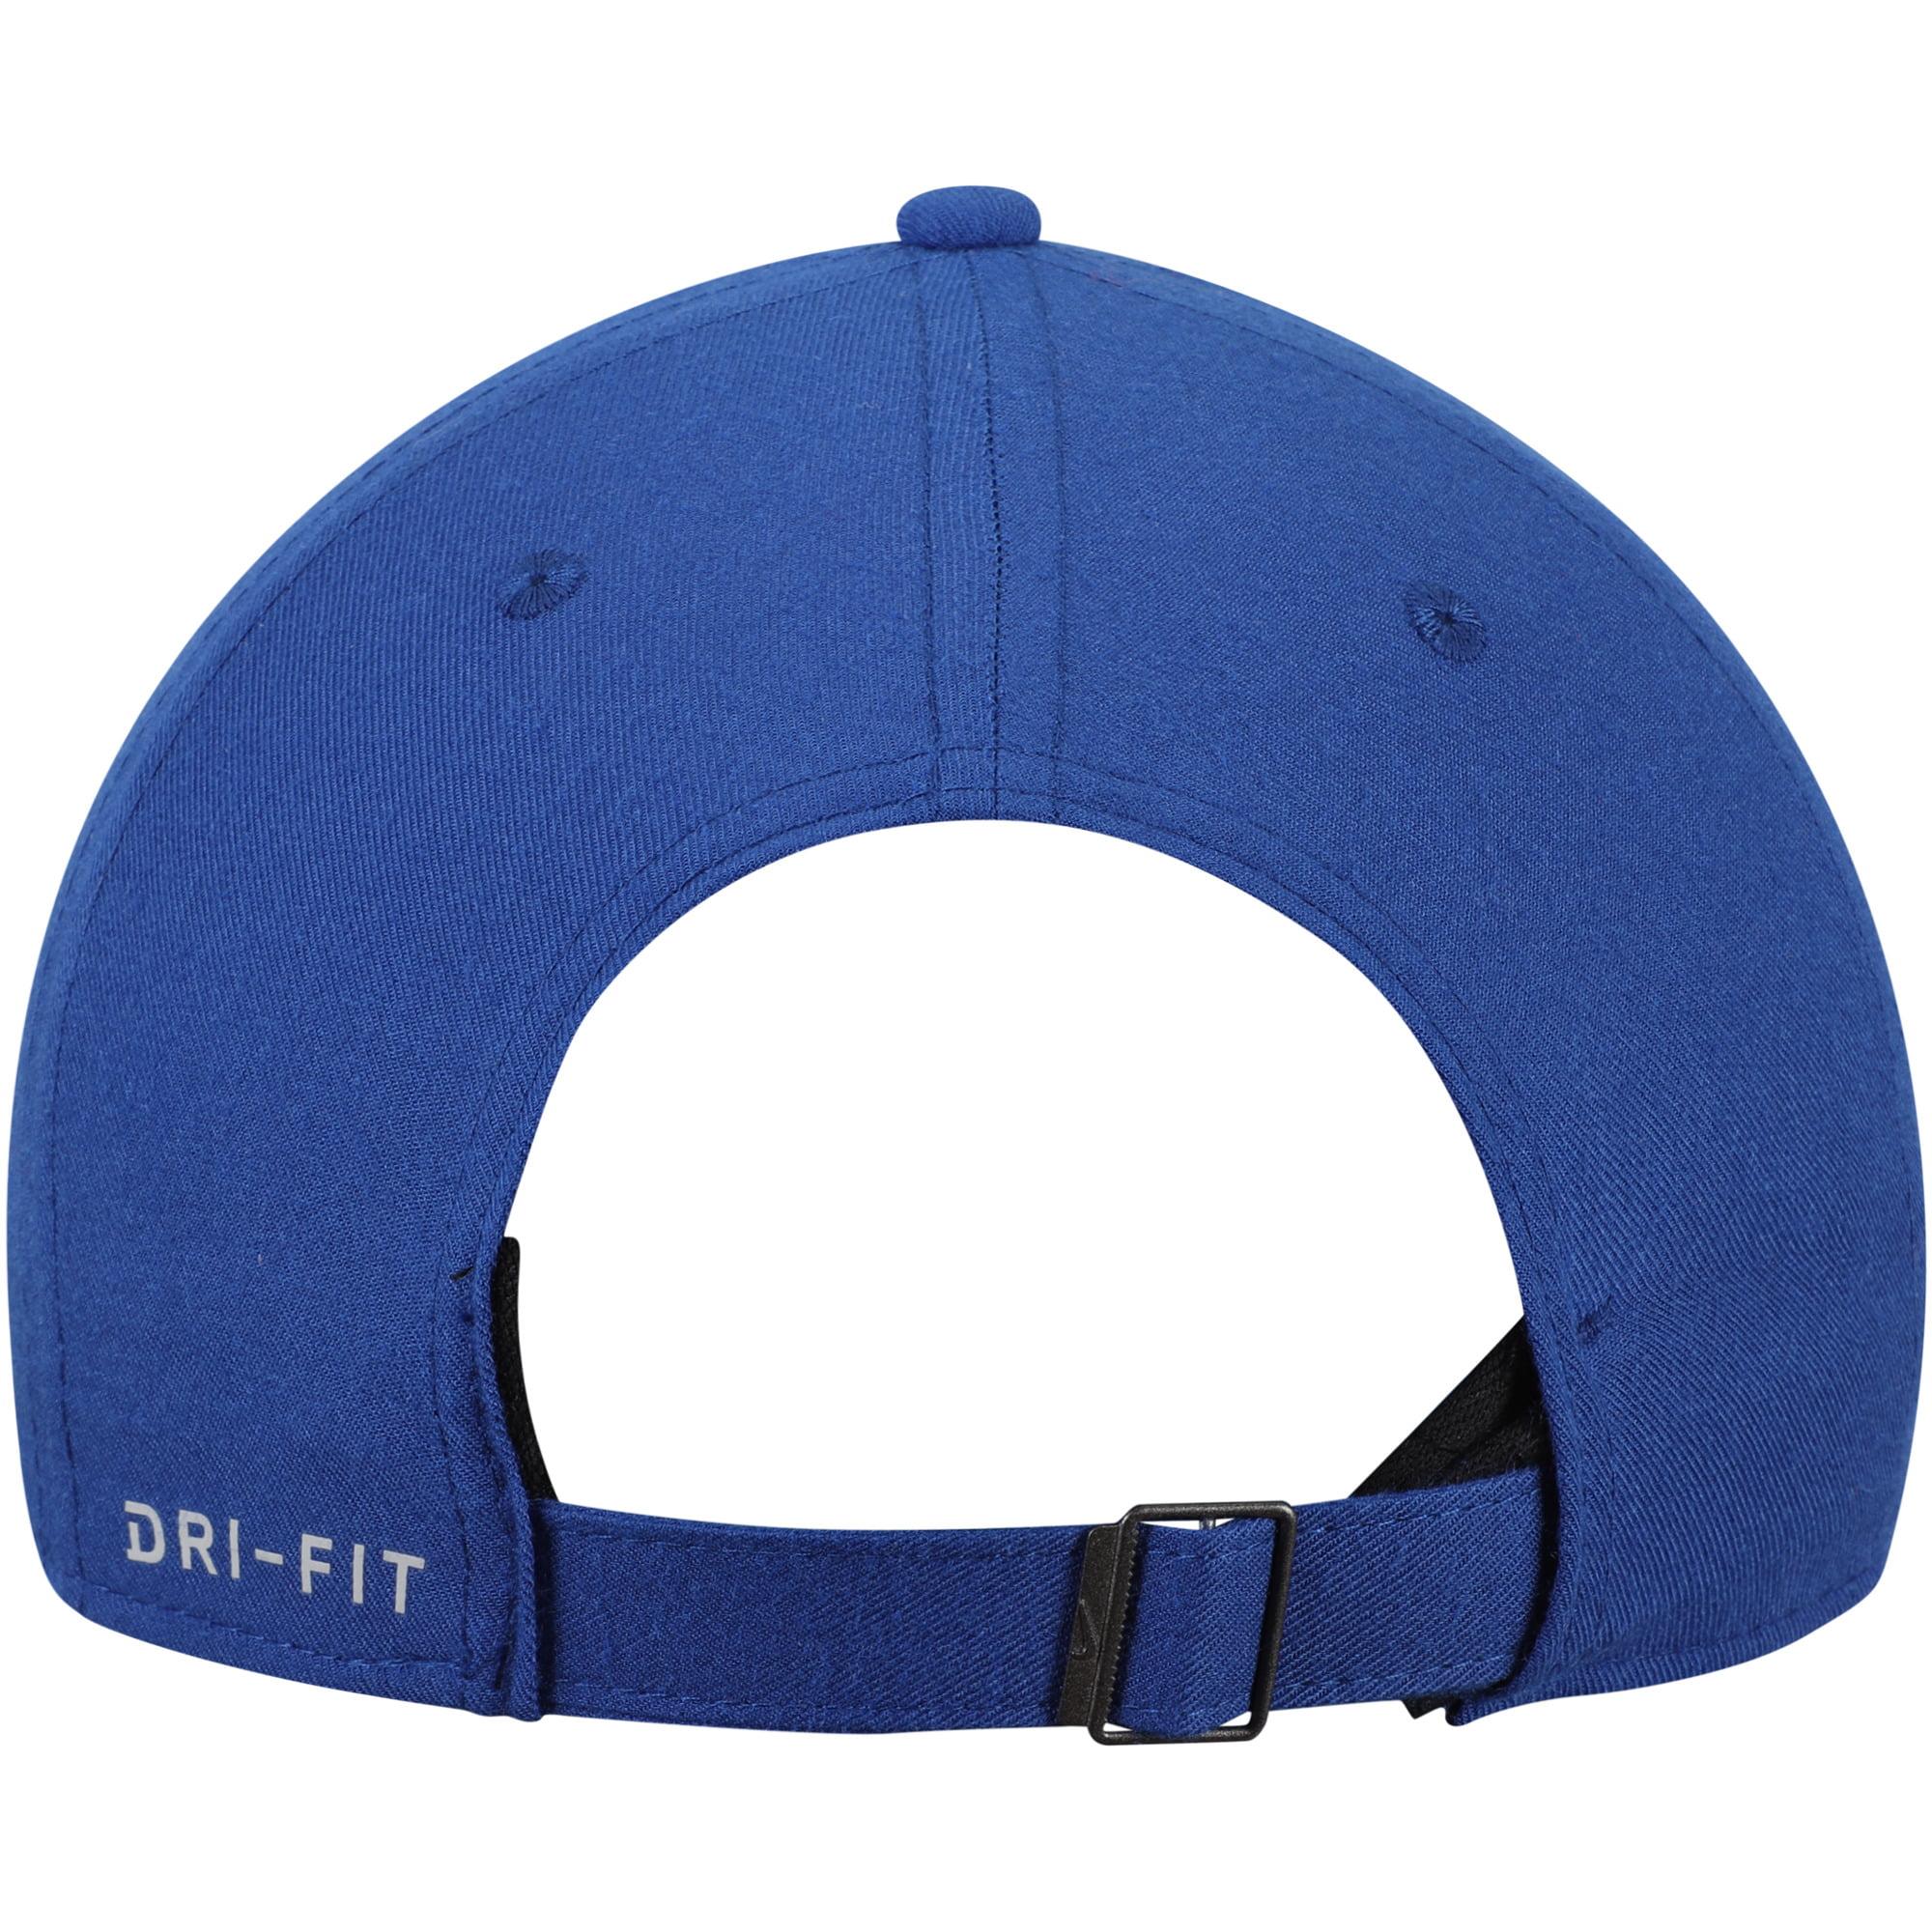 6f9e5857fd7a Toronto Blue Jays Nike Heritage 86 Stadium Performance Adjustable Hat -  Royal - OSFA - Walmart.com